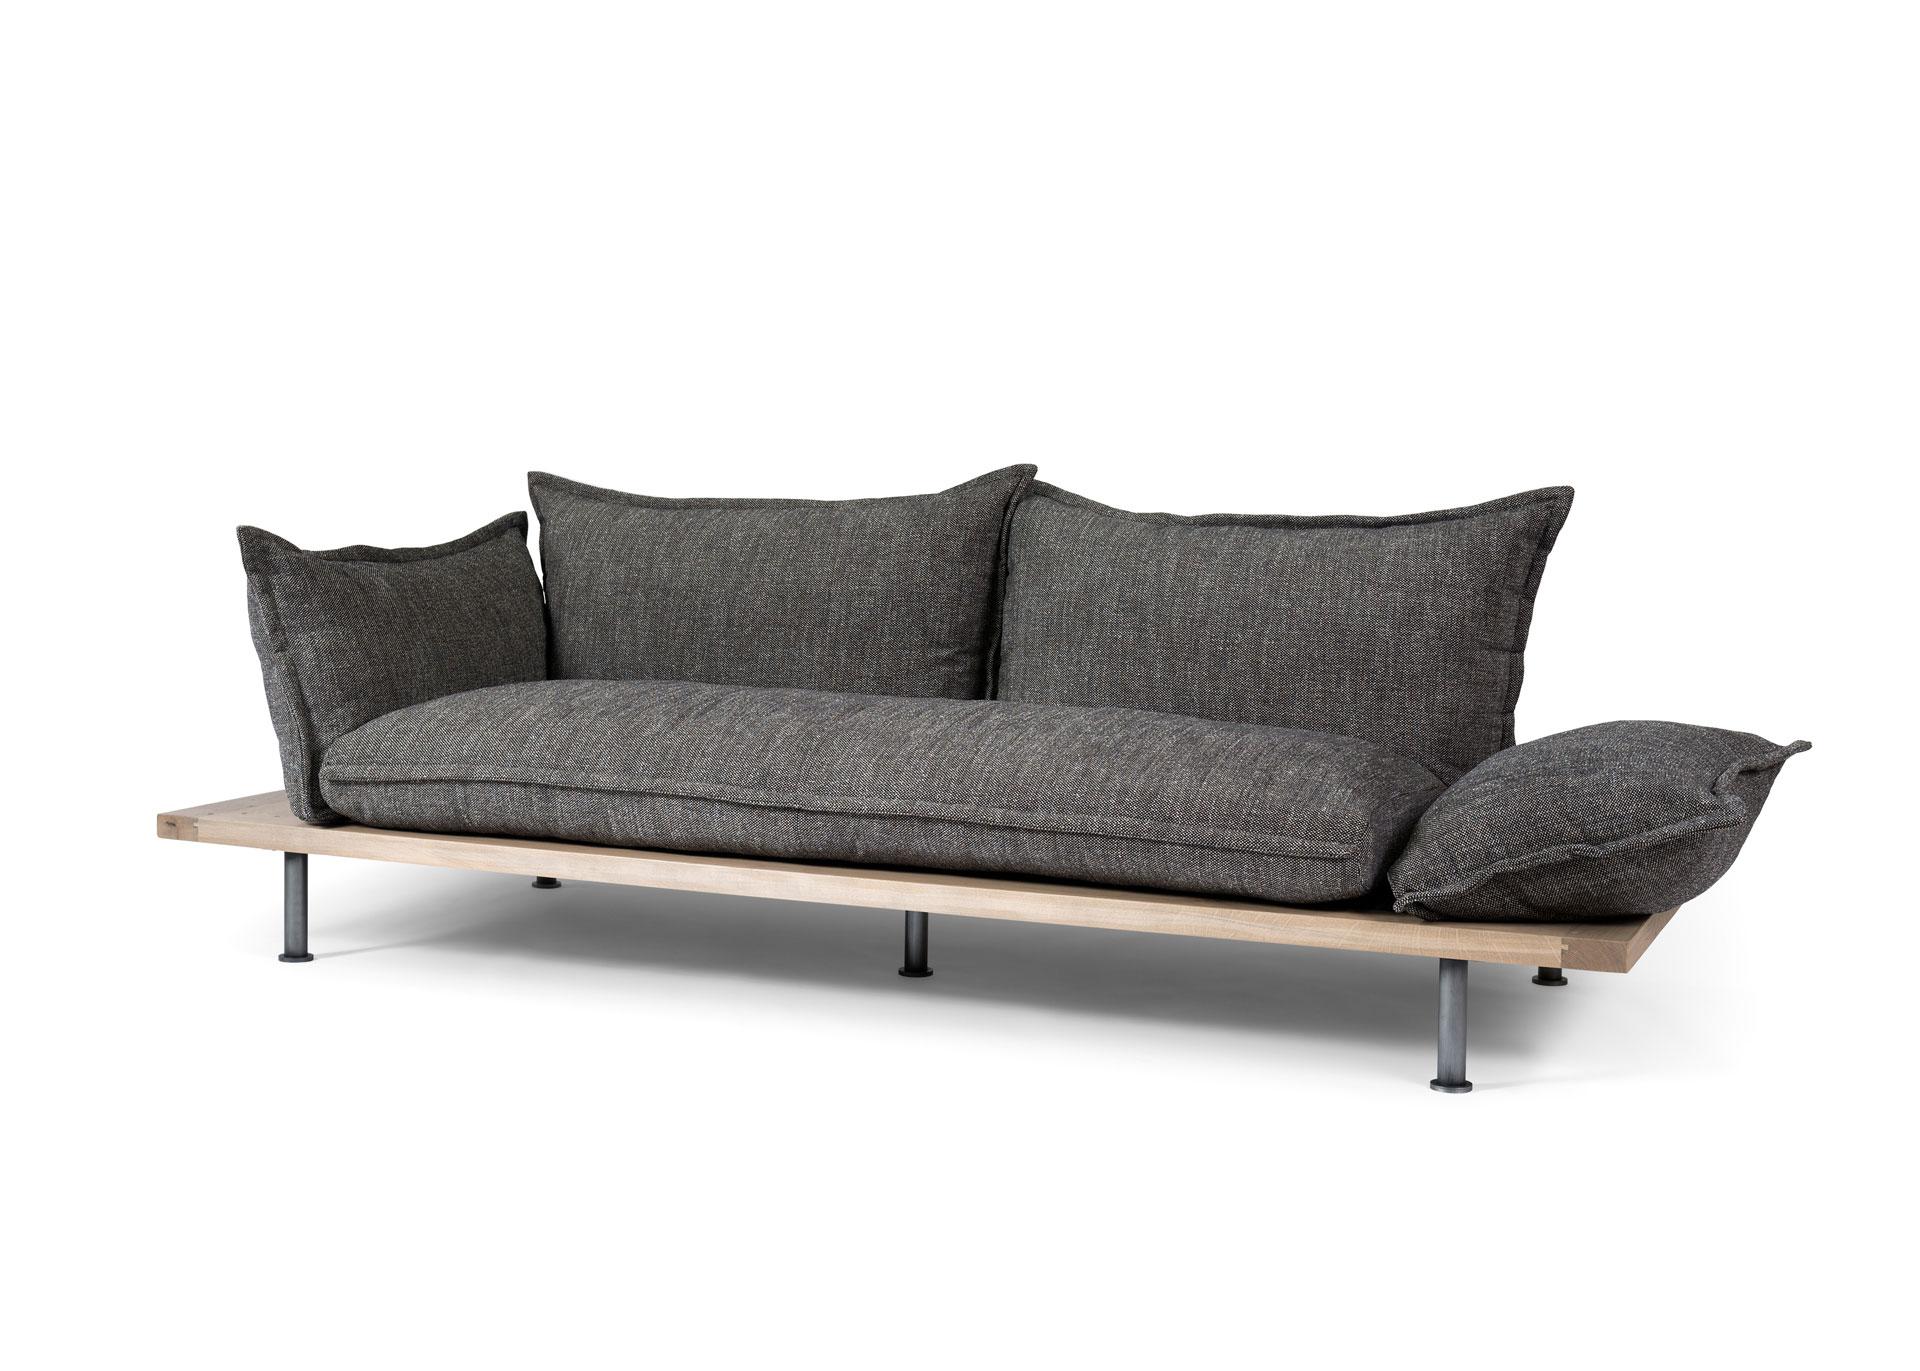 canap nomade de ralph m raphaele meubles. Black Bedroom Furniture Sets. Home Design Ideas